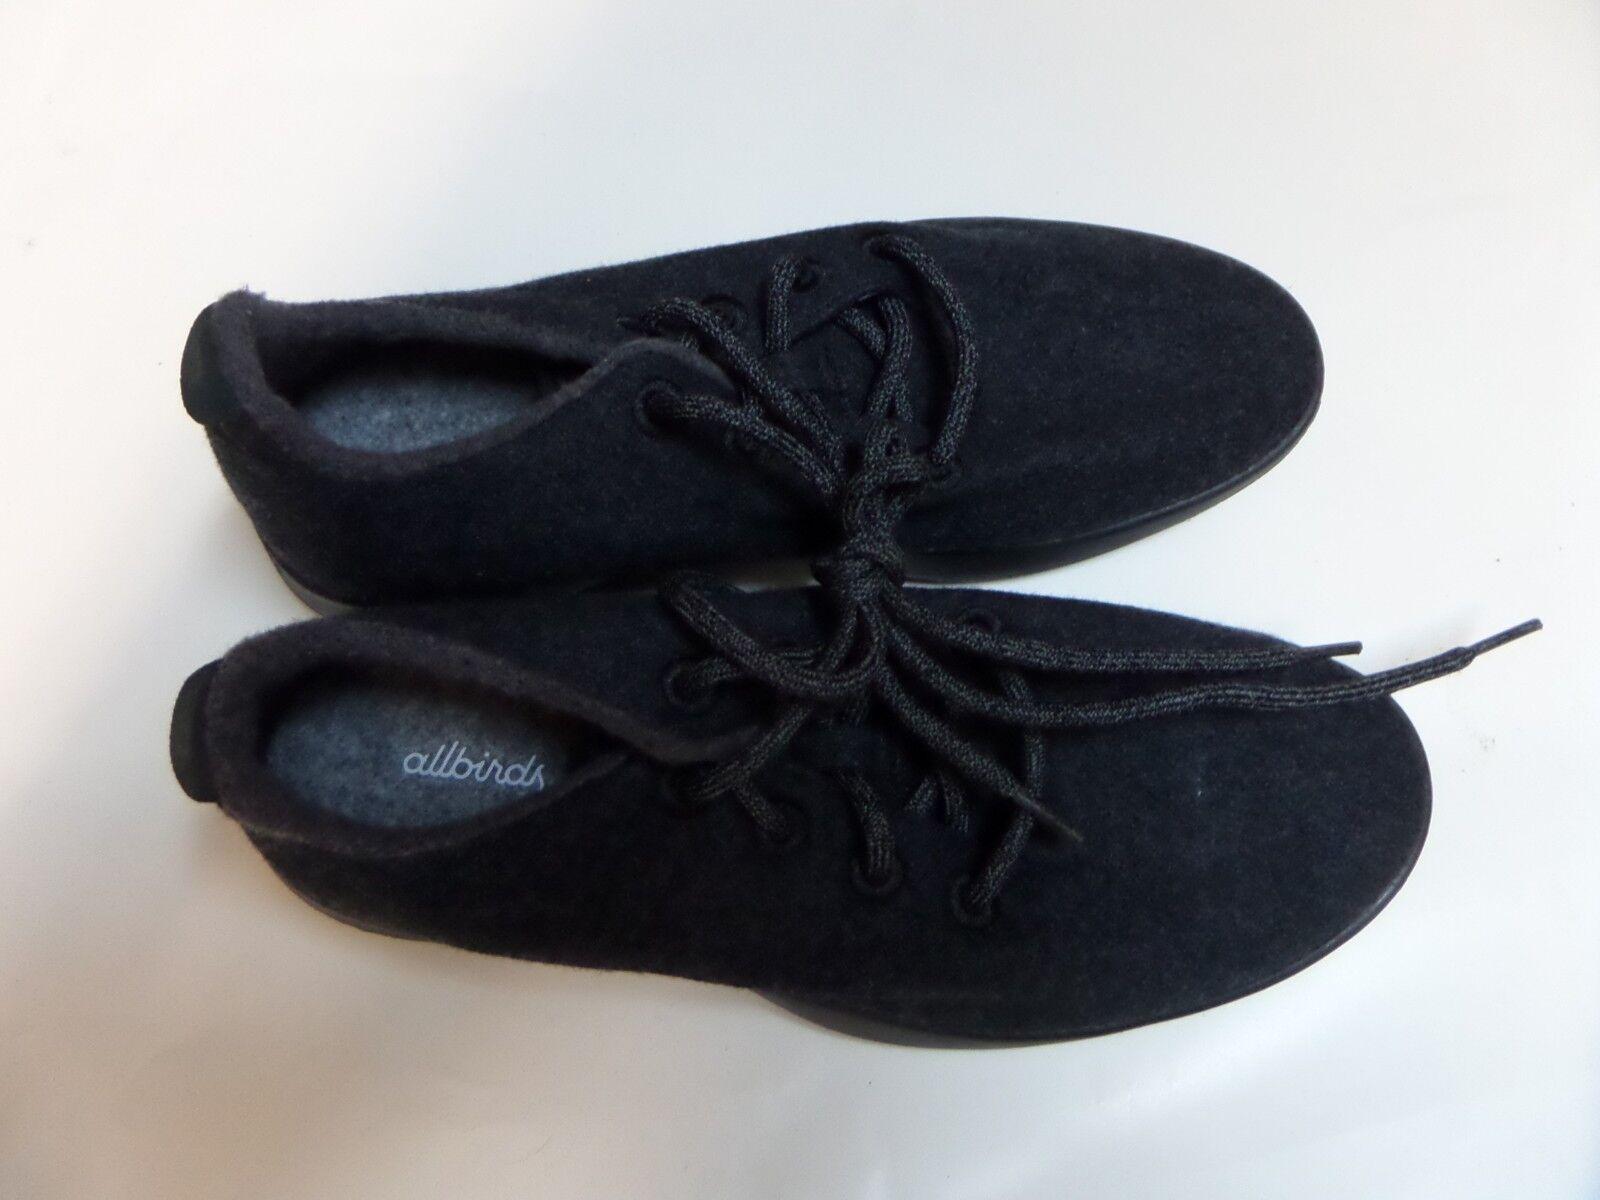 Allbirds Womens Wool Wool Wool Runner Natural Black With Black Sole Size 7 baef6c